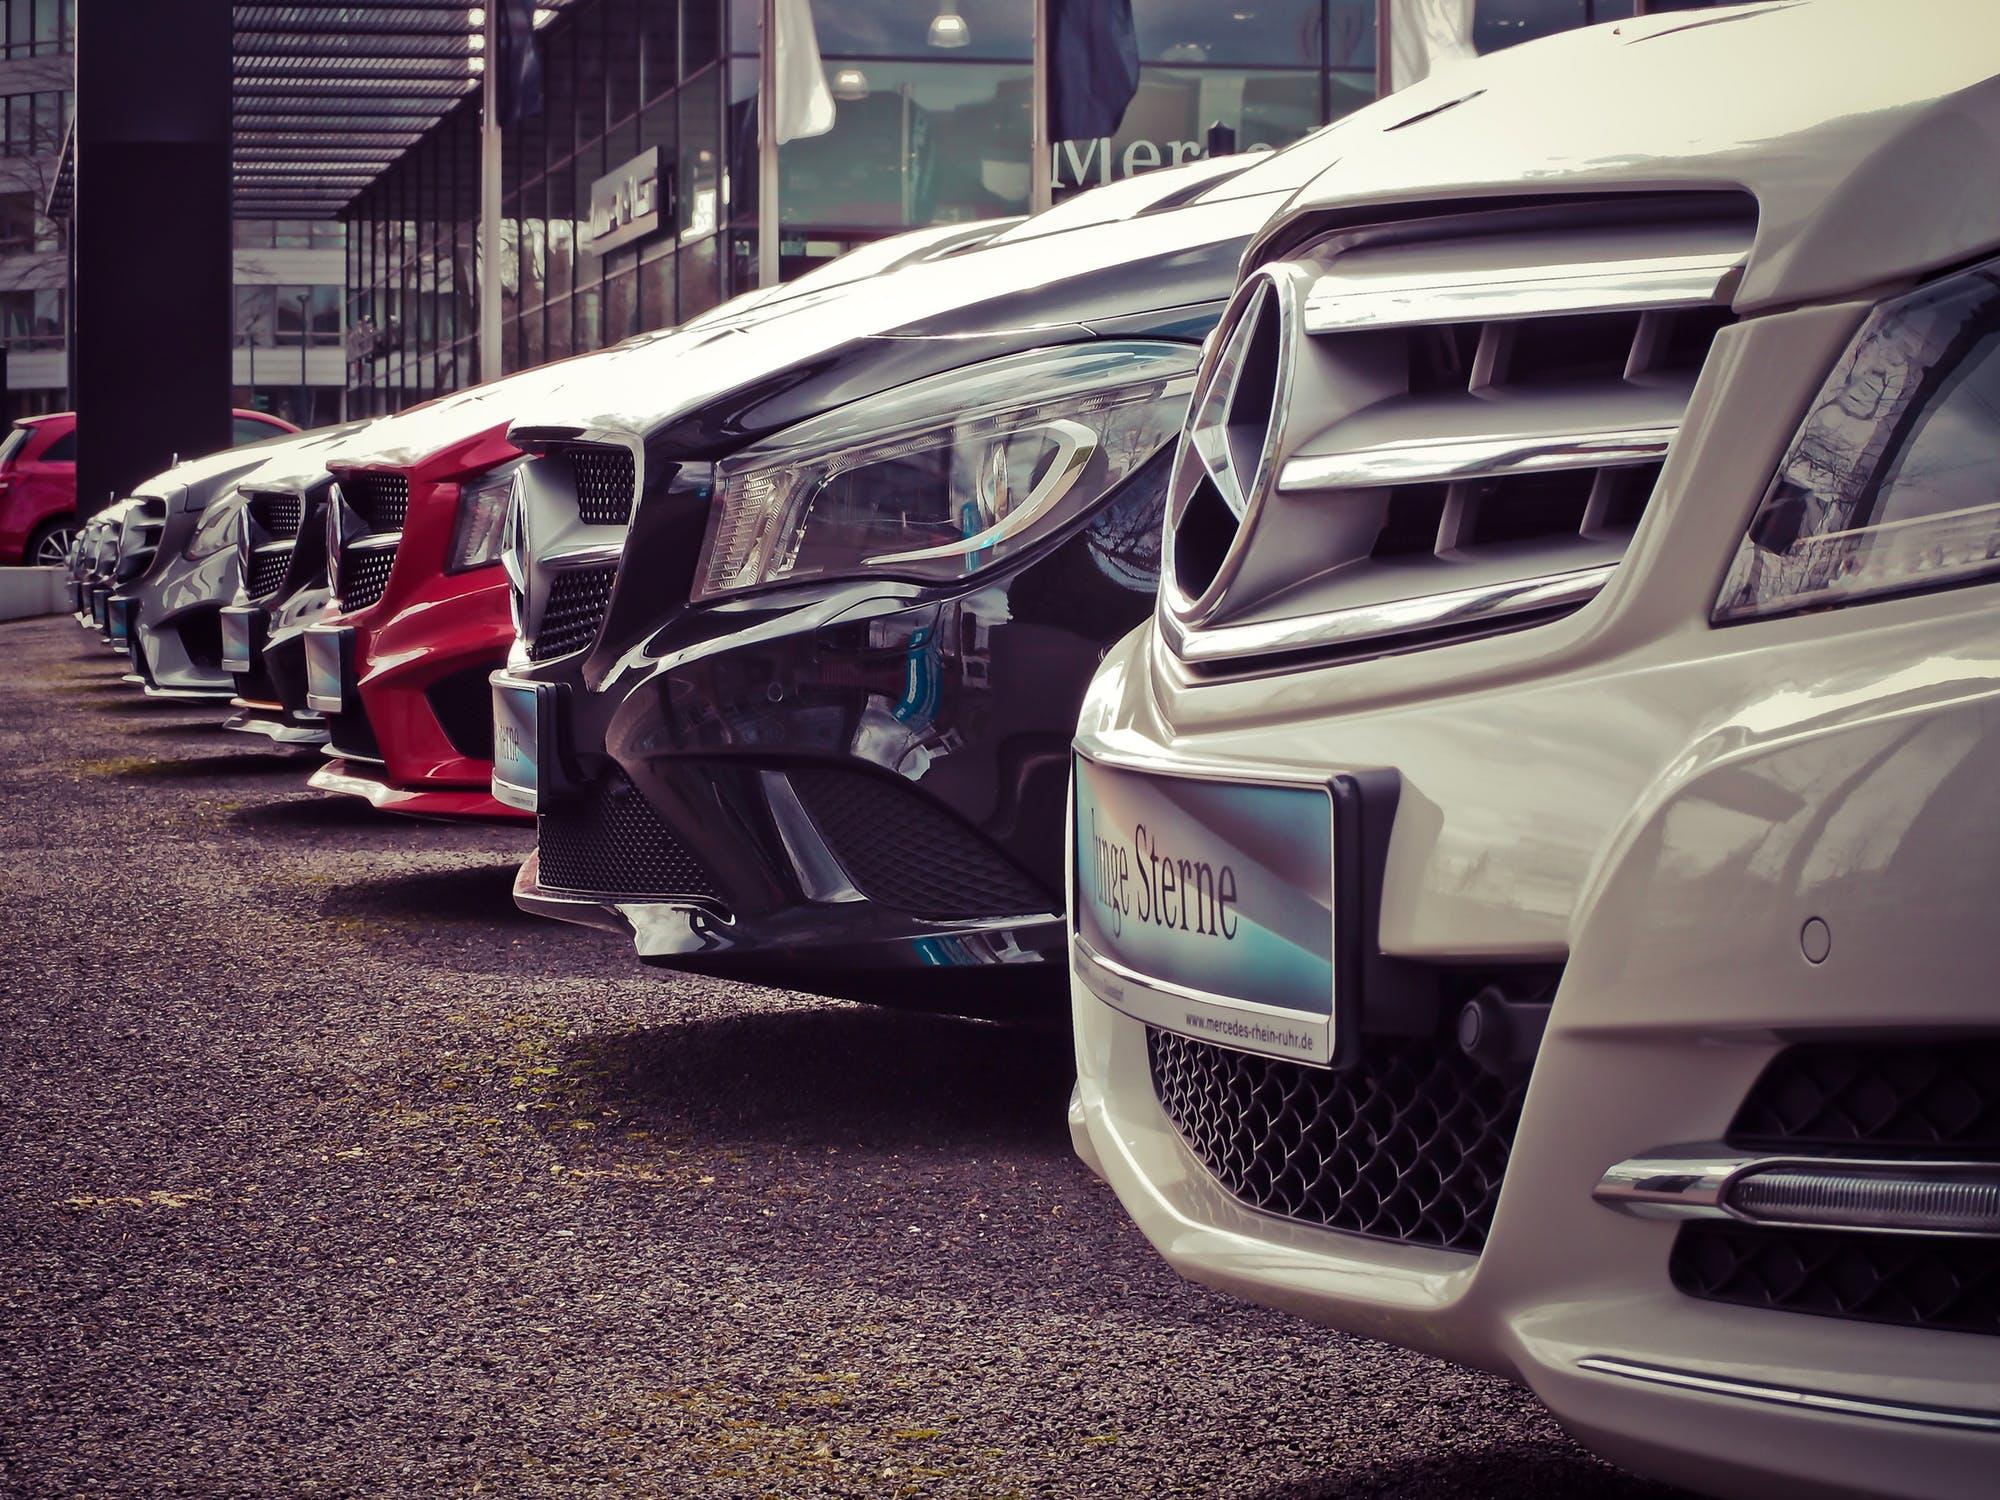 Mange parkerede biler